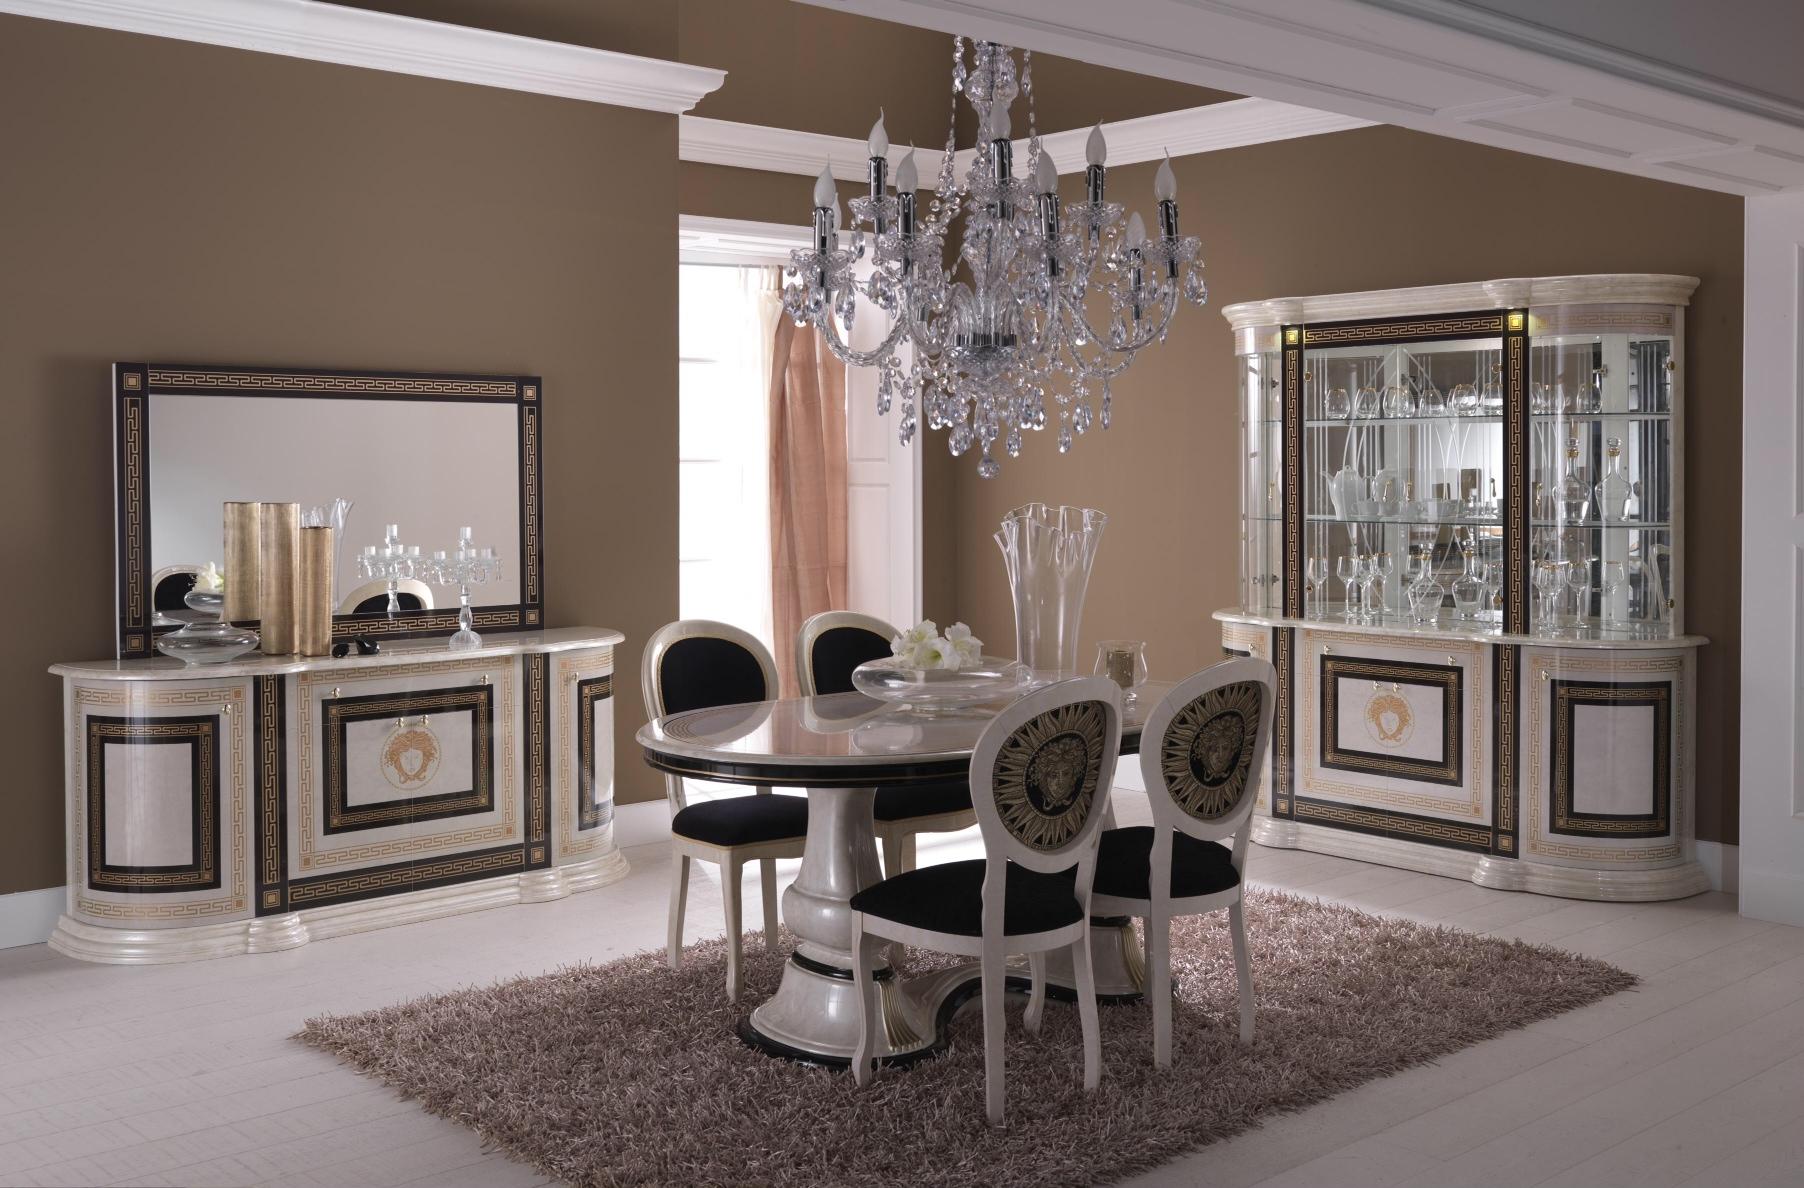 #6E5B4E Italienische Esszimmer Temiz Möbel Italienische Möbel  5221 salle a manger conforama chris 1804x1188 px @ aertt.com